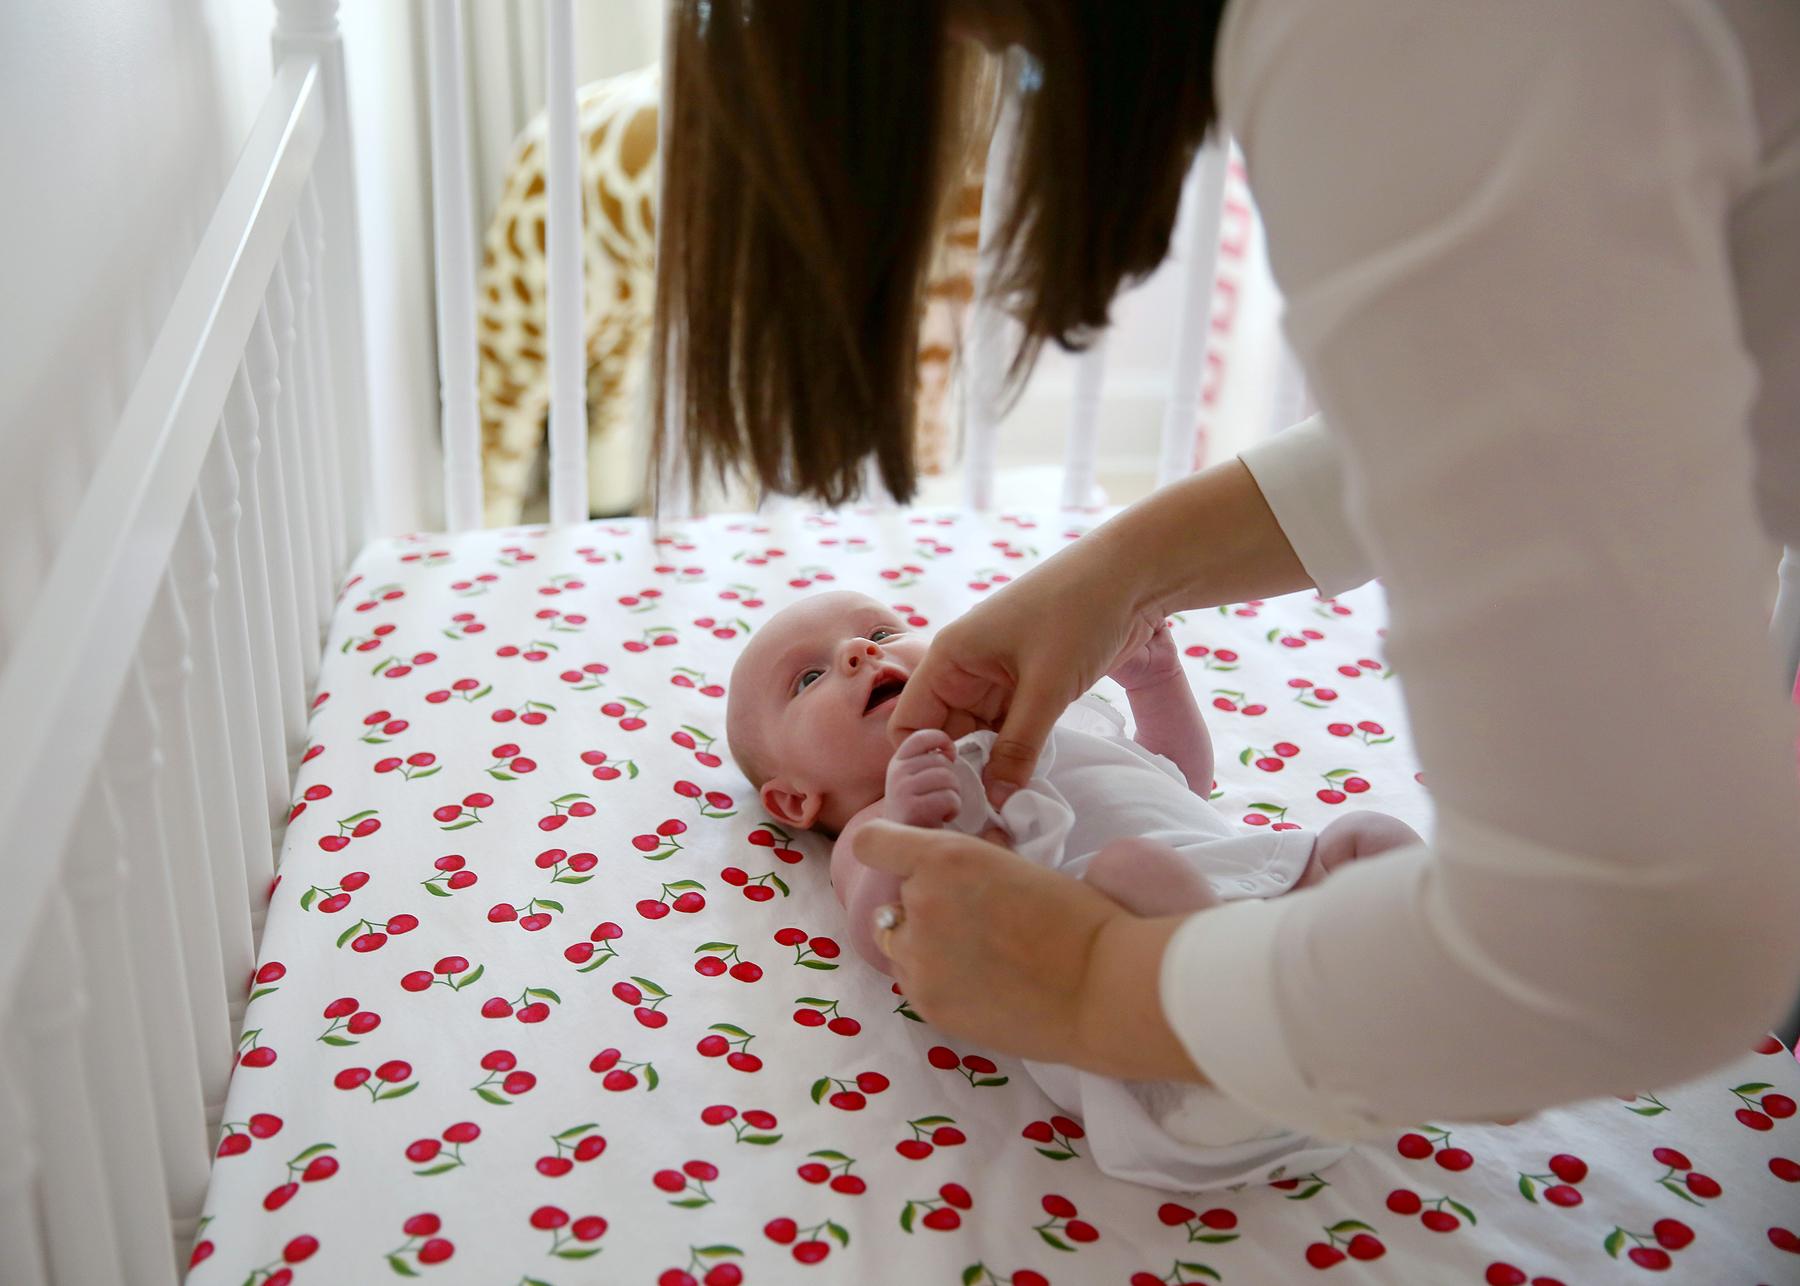 NYC and NJ based newborn lifestyle photographer JENNIFER LAVELLE PHOTOGRAPHY